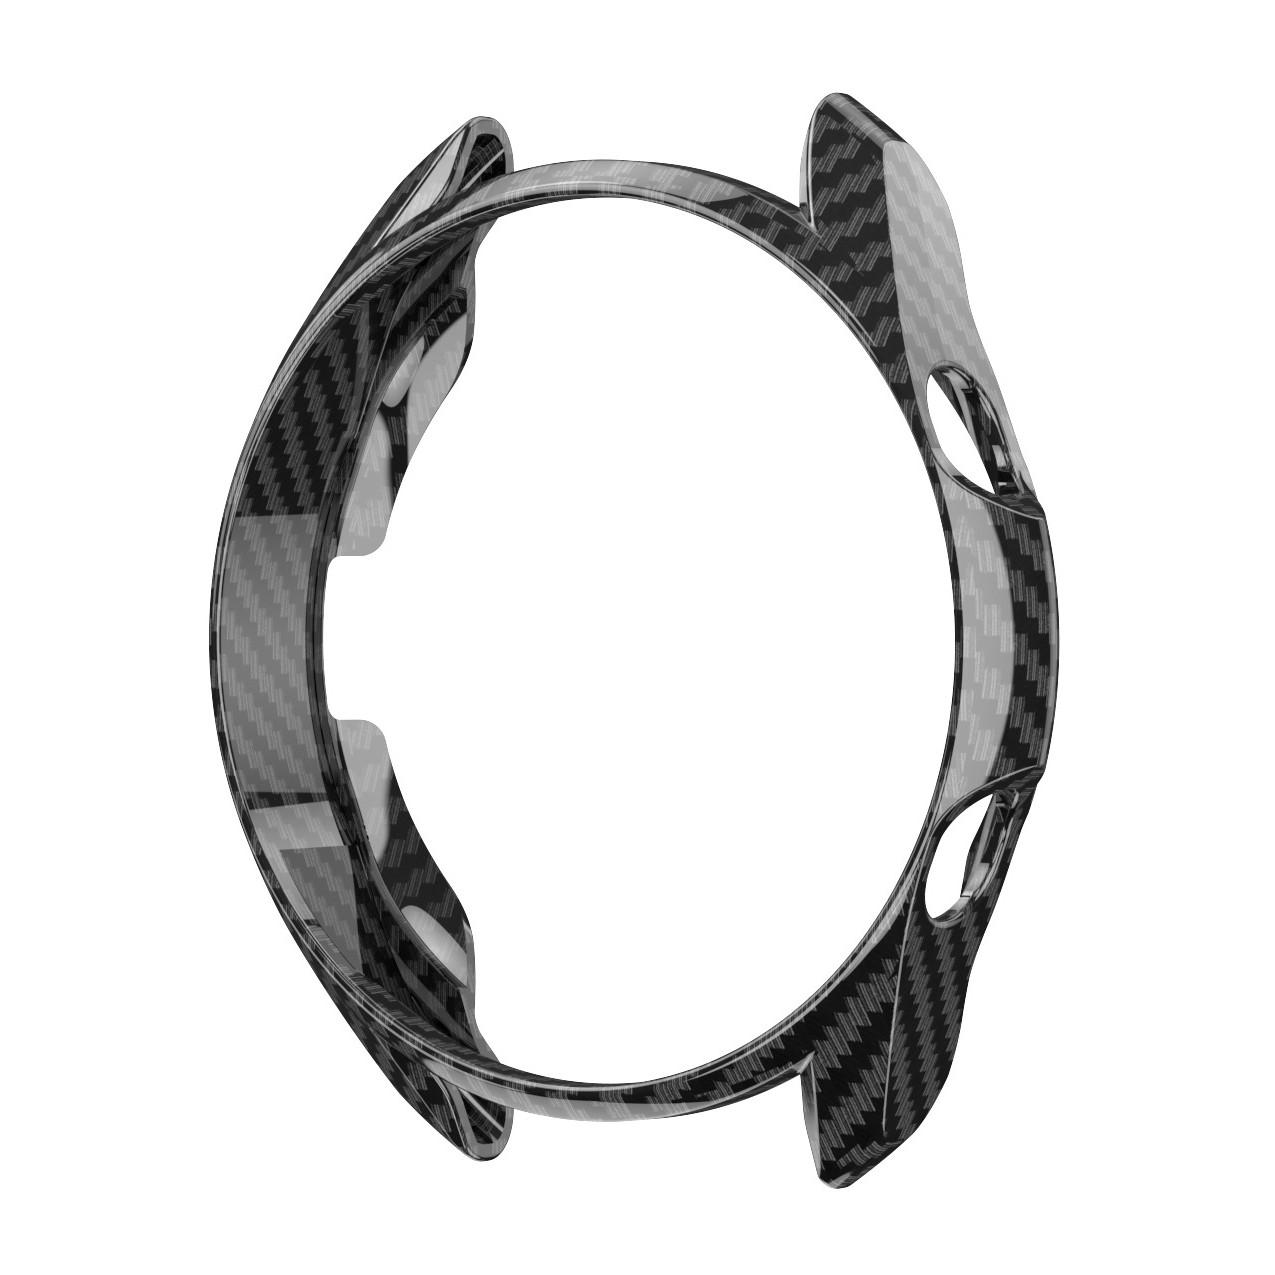 Ốp Case Vân Carbon PC bảo vệ cho Samsung Galaxy Watch 3 41mm / 45mm